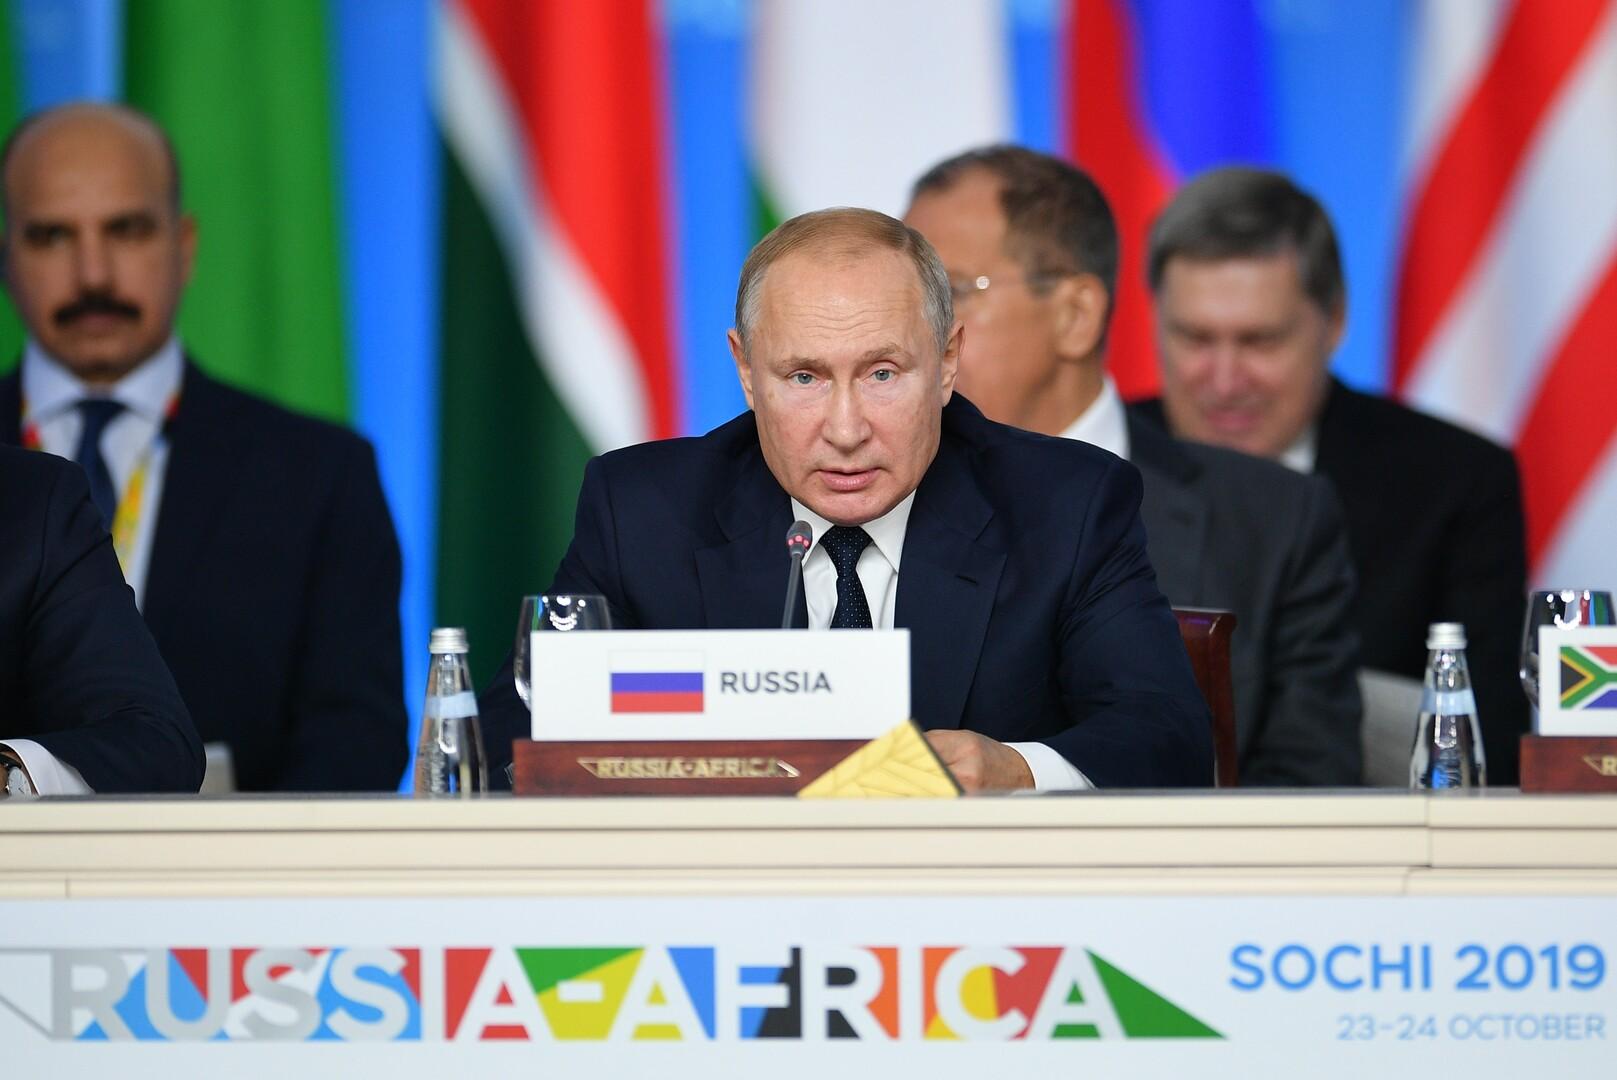 بوتين: روسيا ستواصل نهجها الاستراتيجي لتعزيز الاستقرار في إفريقيا